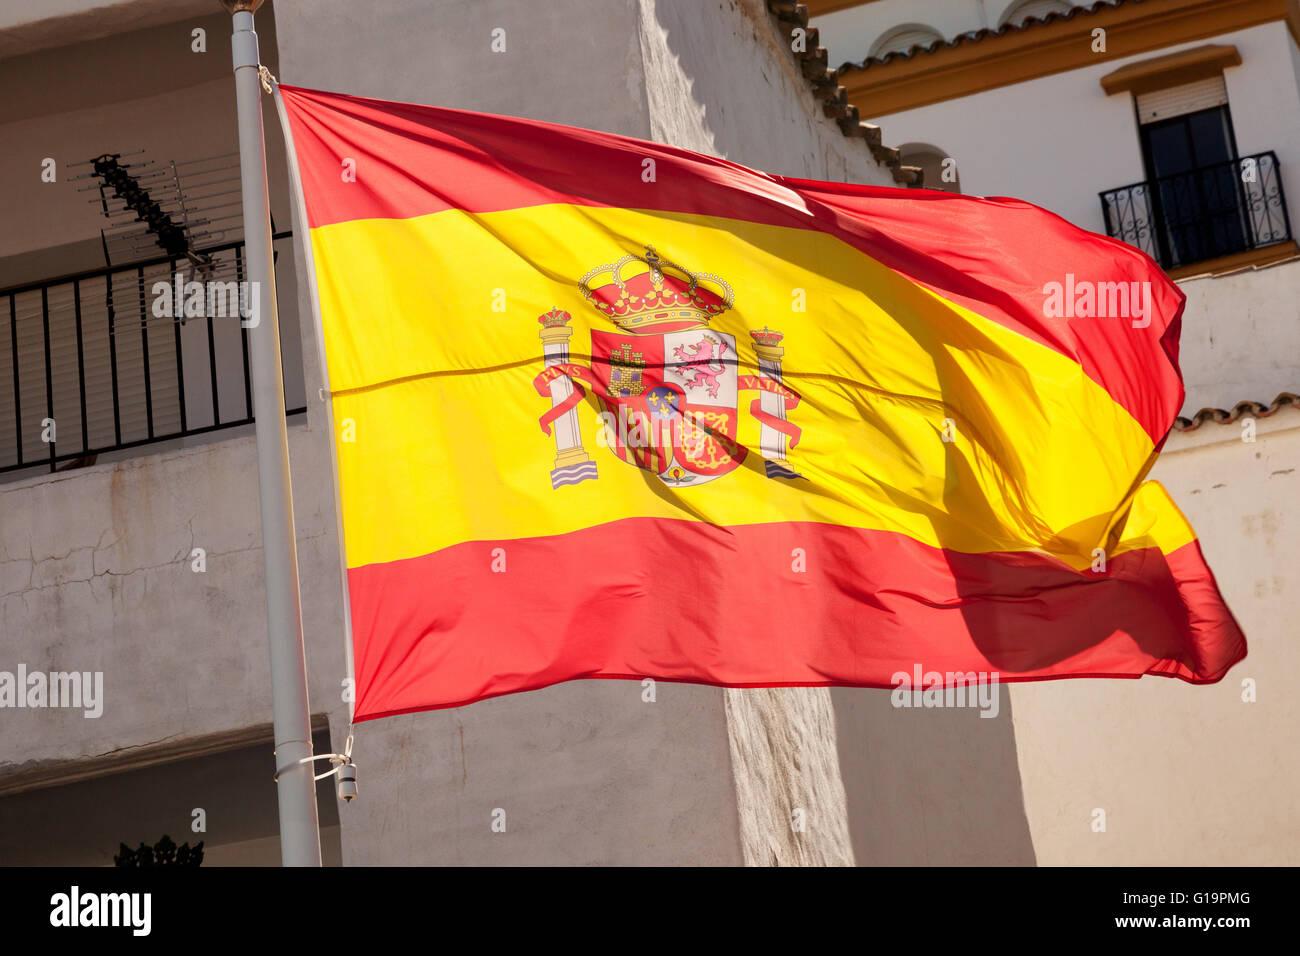 Spanish flag flying, Spain, Europe - Stock Image